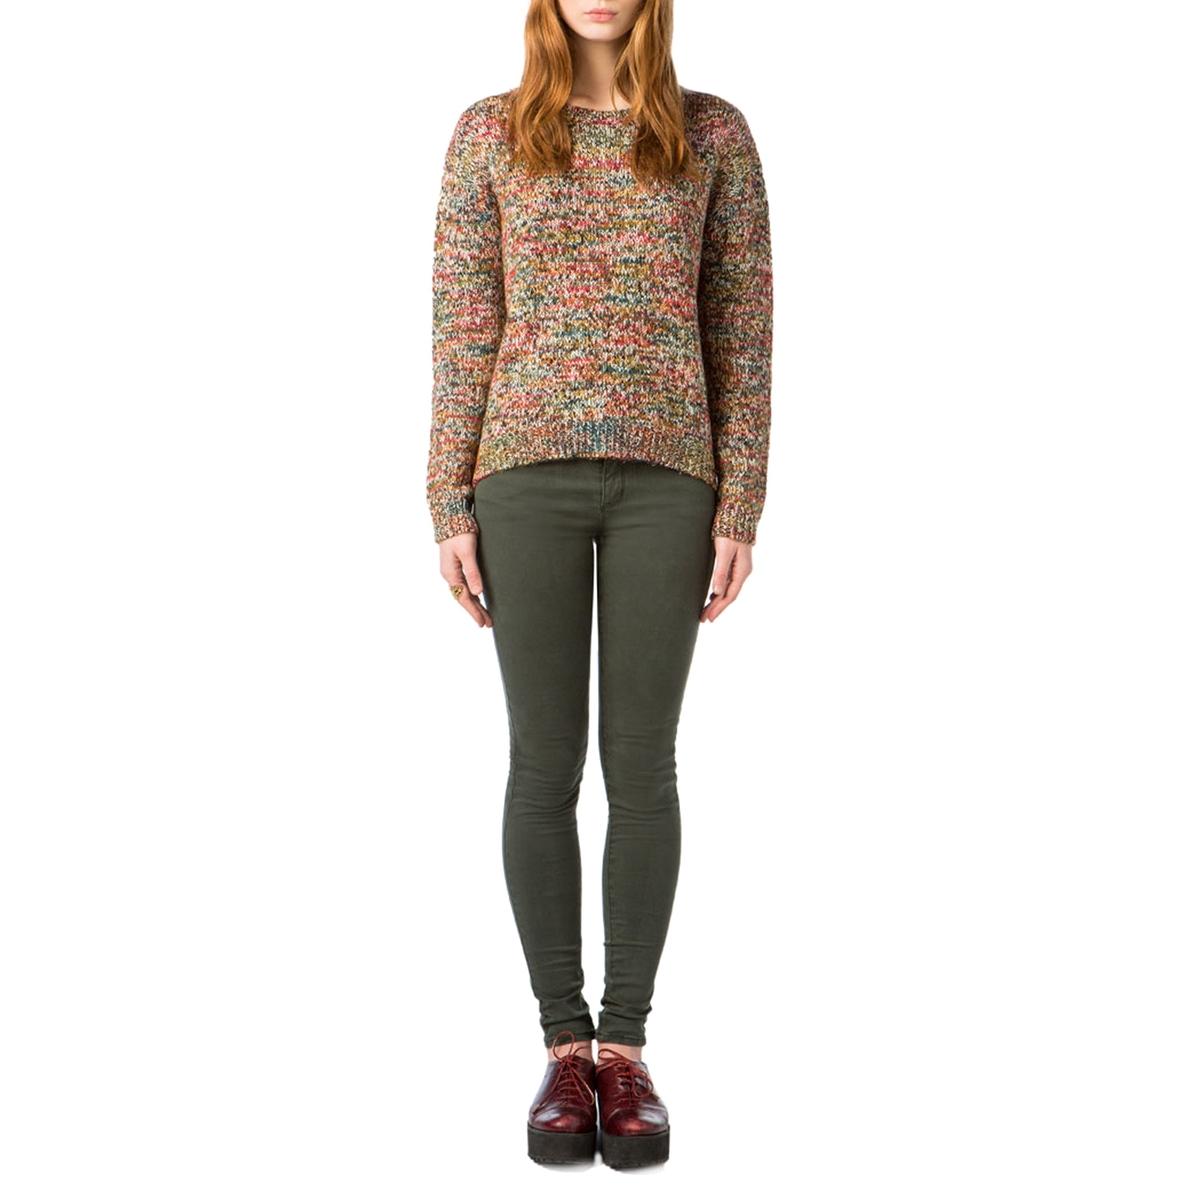 Пуловер с круглым вырезом из тонкого трикотажаДетали •  Длинные рукава •  Круглый вырез •  Тонкий трикотаж  •  Рисунок-принтСостав и уход •  63% акрила, 32% хлопка, 5% полиамида •  Следуйте советам по уходу, указанным на этикетке<br><br>Цвет: разноцветный